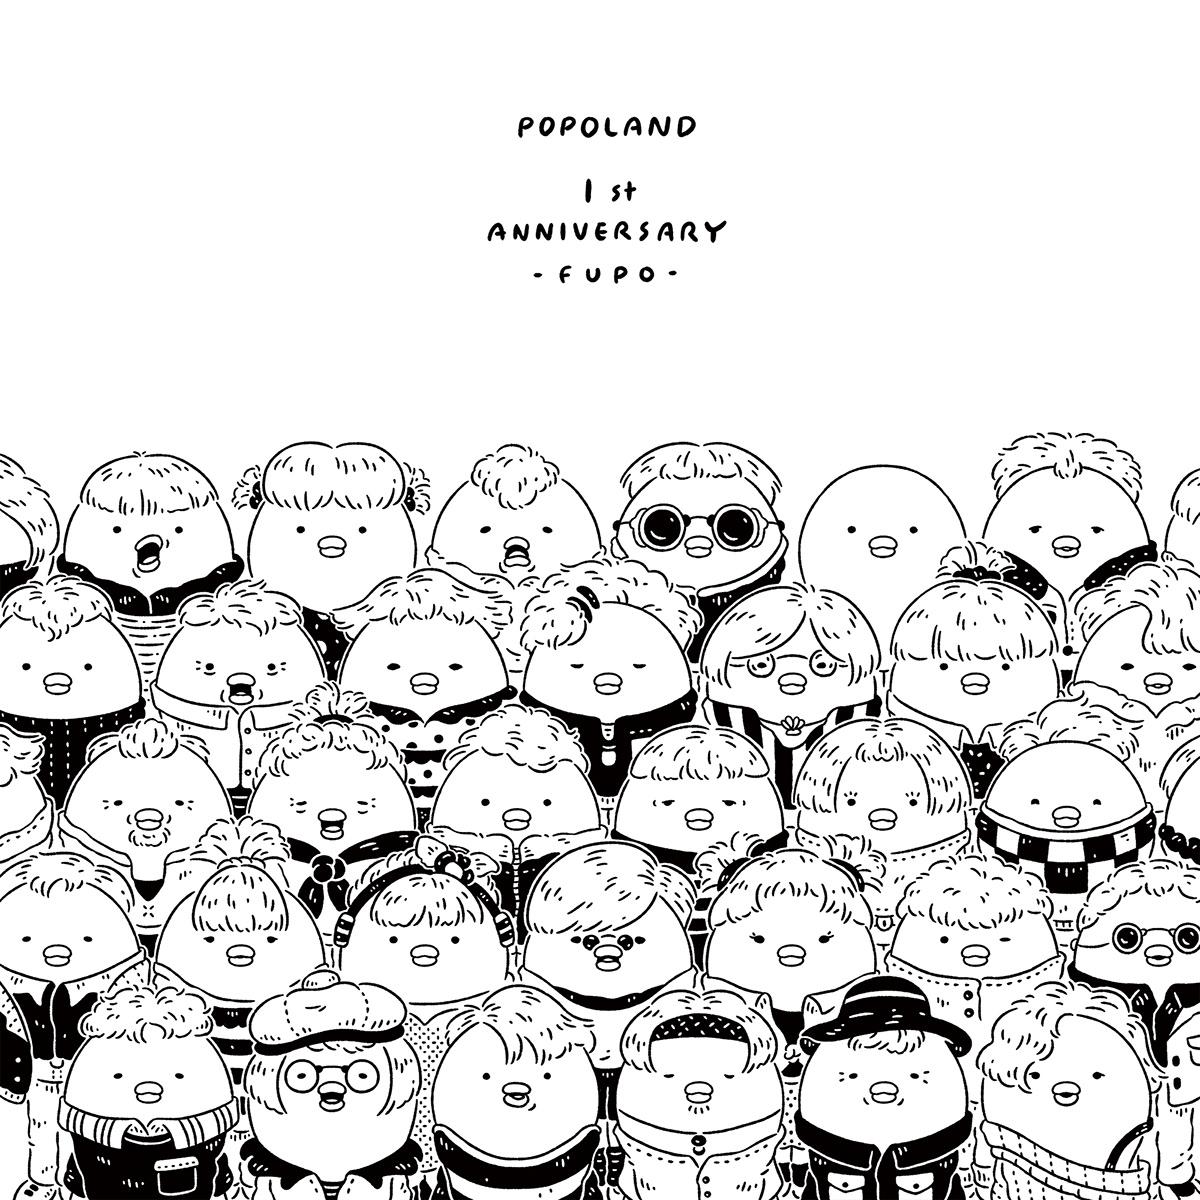 art Drawing  ILLUSTRATION  popoland 插畫 波寶島 藝術 角色 簡約 黑白